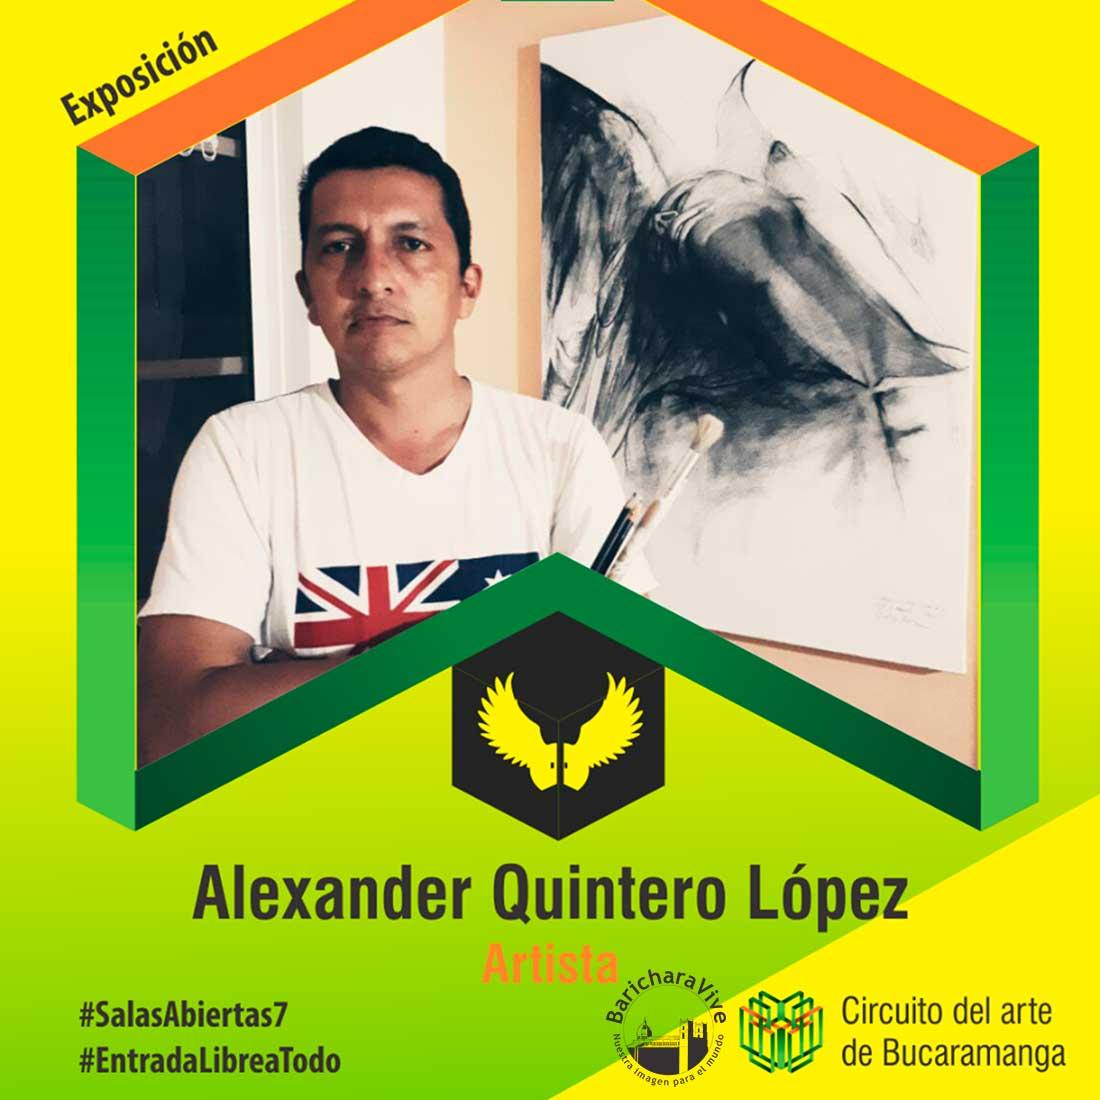 artista-alexander-quintero-lopez-7a-edicion-el-centro-con-las-salas-abiertas-bucaramanga-2017